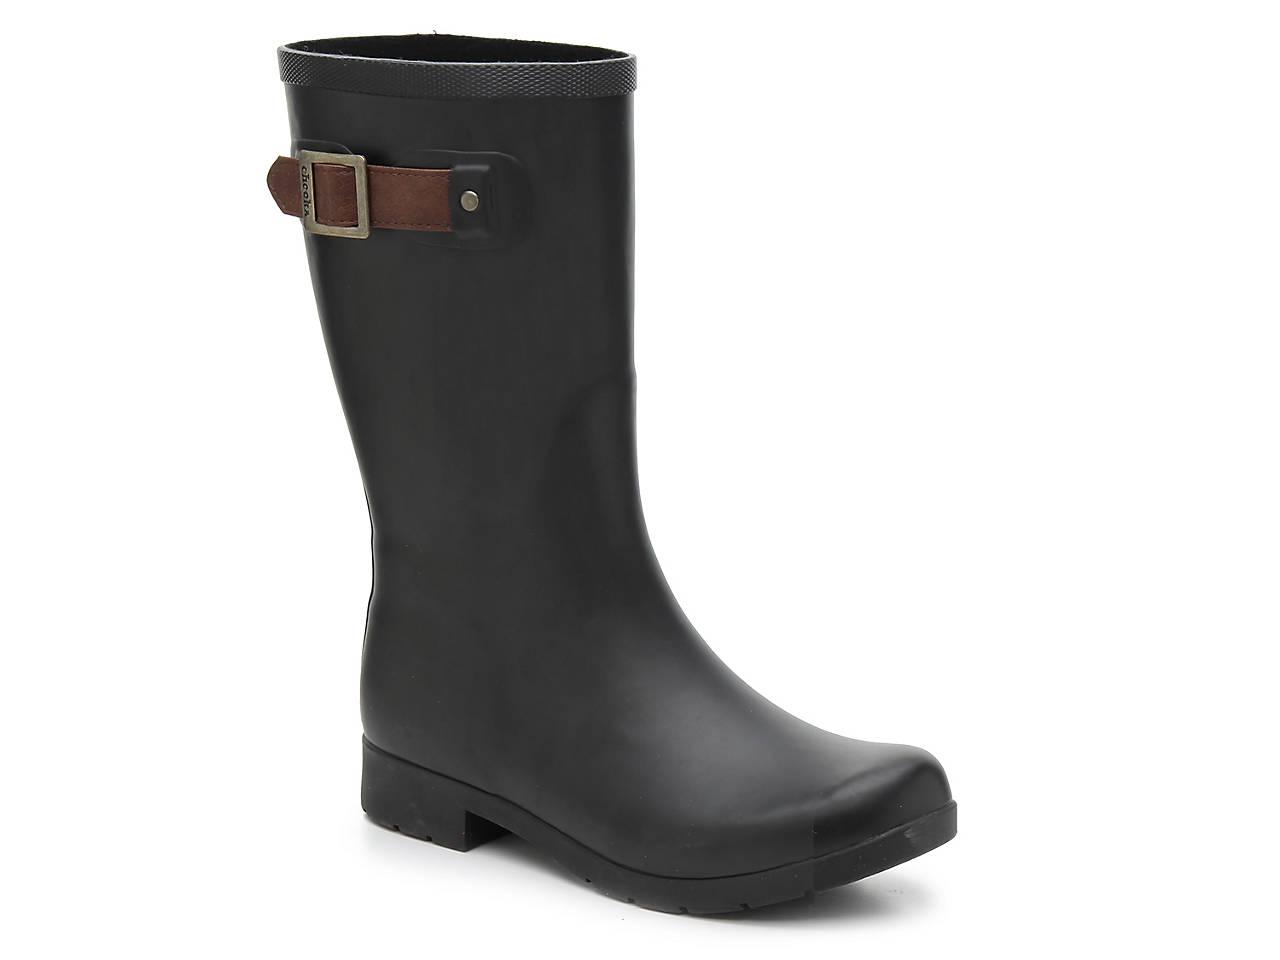 a8a36e8980b2 Women s Mid Calf Boots